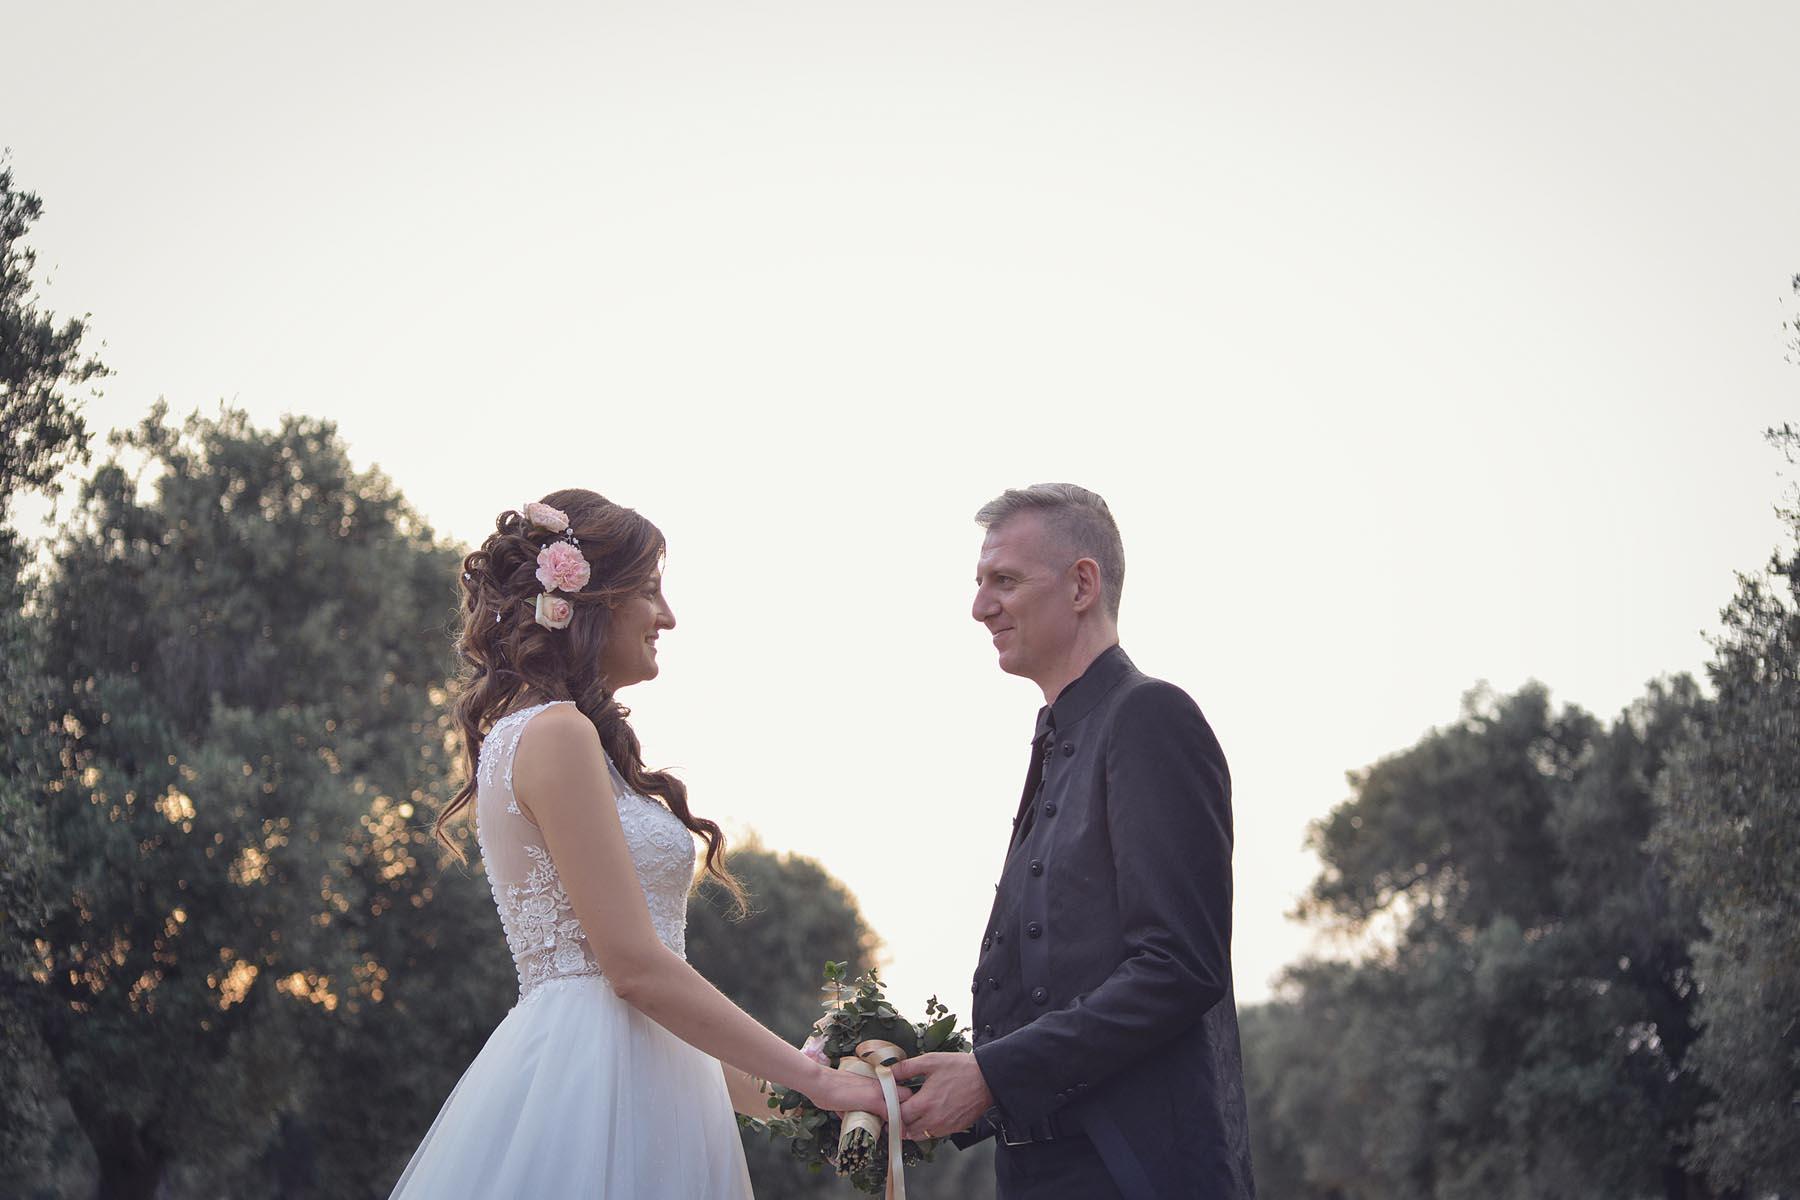 fotografo-matrimonio-fasano-81